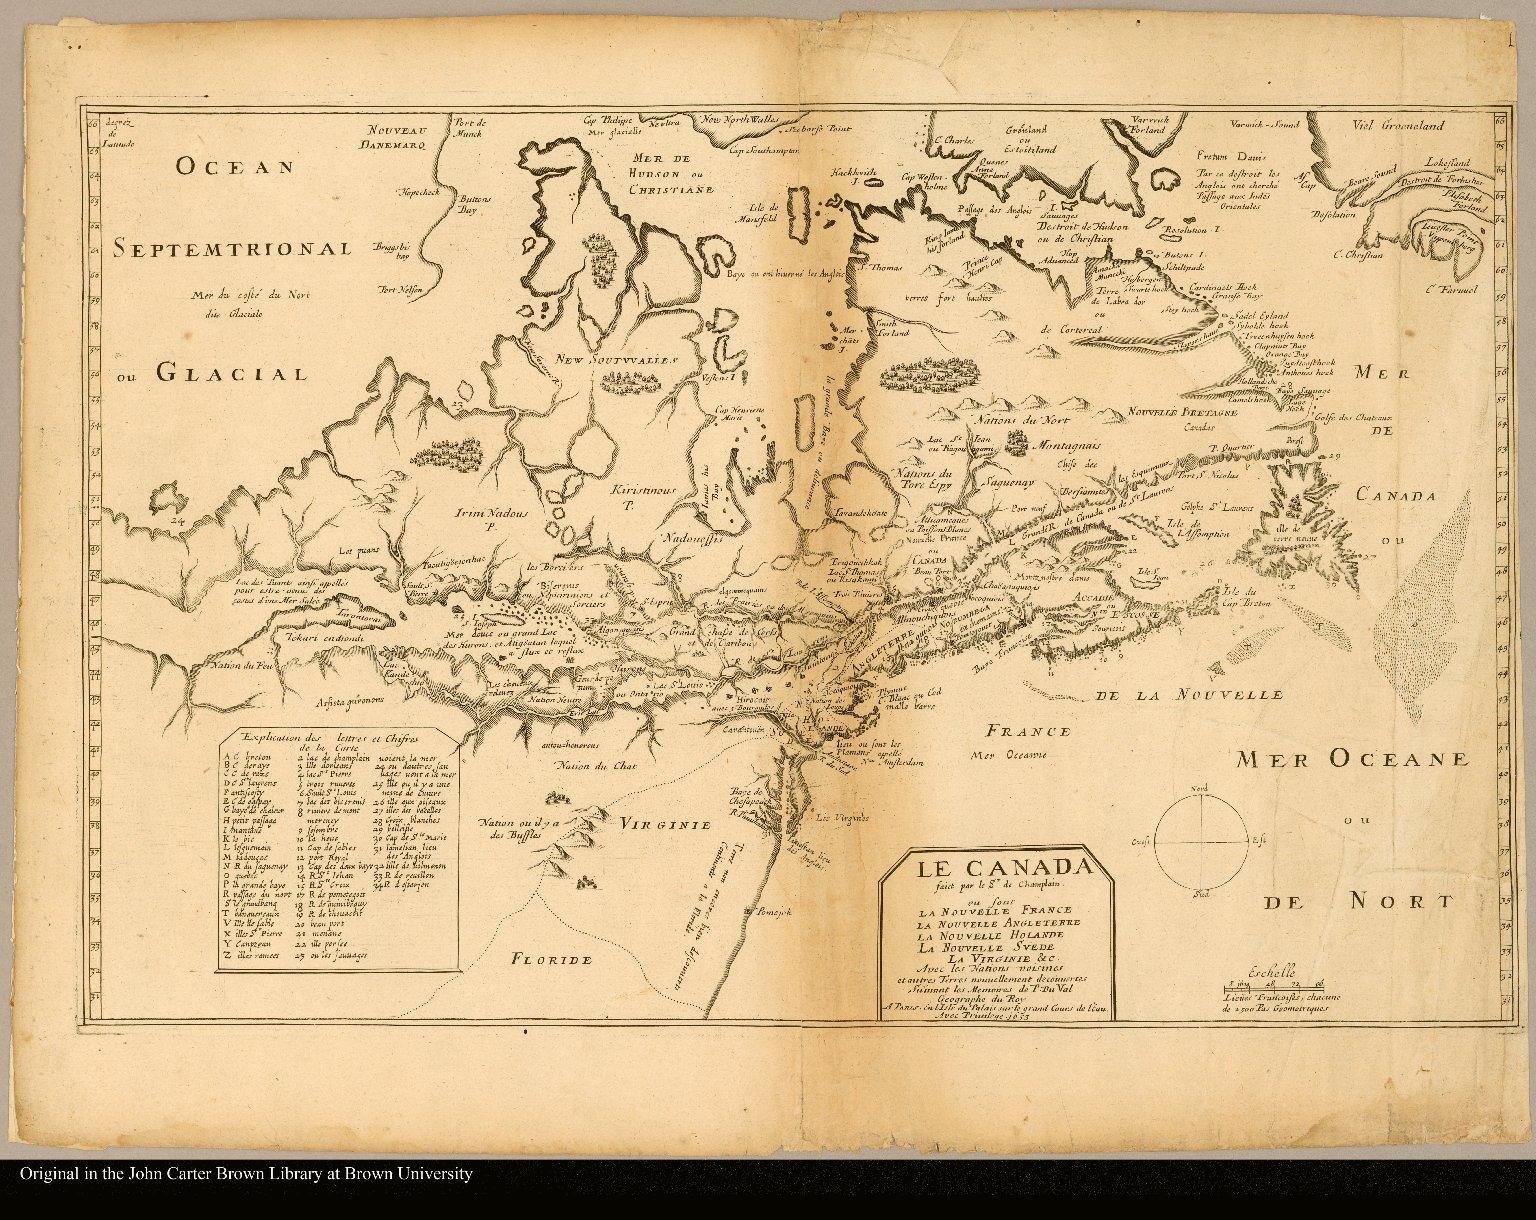 Le Canada faict par le Sr de Champlain, ou sont la Nouvelle France la Nouvelle Angleterre la Nouvelle Hollande la Nouvelle Suede la Virginie & c avec les nations voisines et autres terres nouvellement découvertes suivant les mémoires de P. Du Val géographe du roy